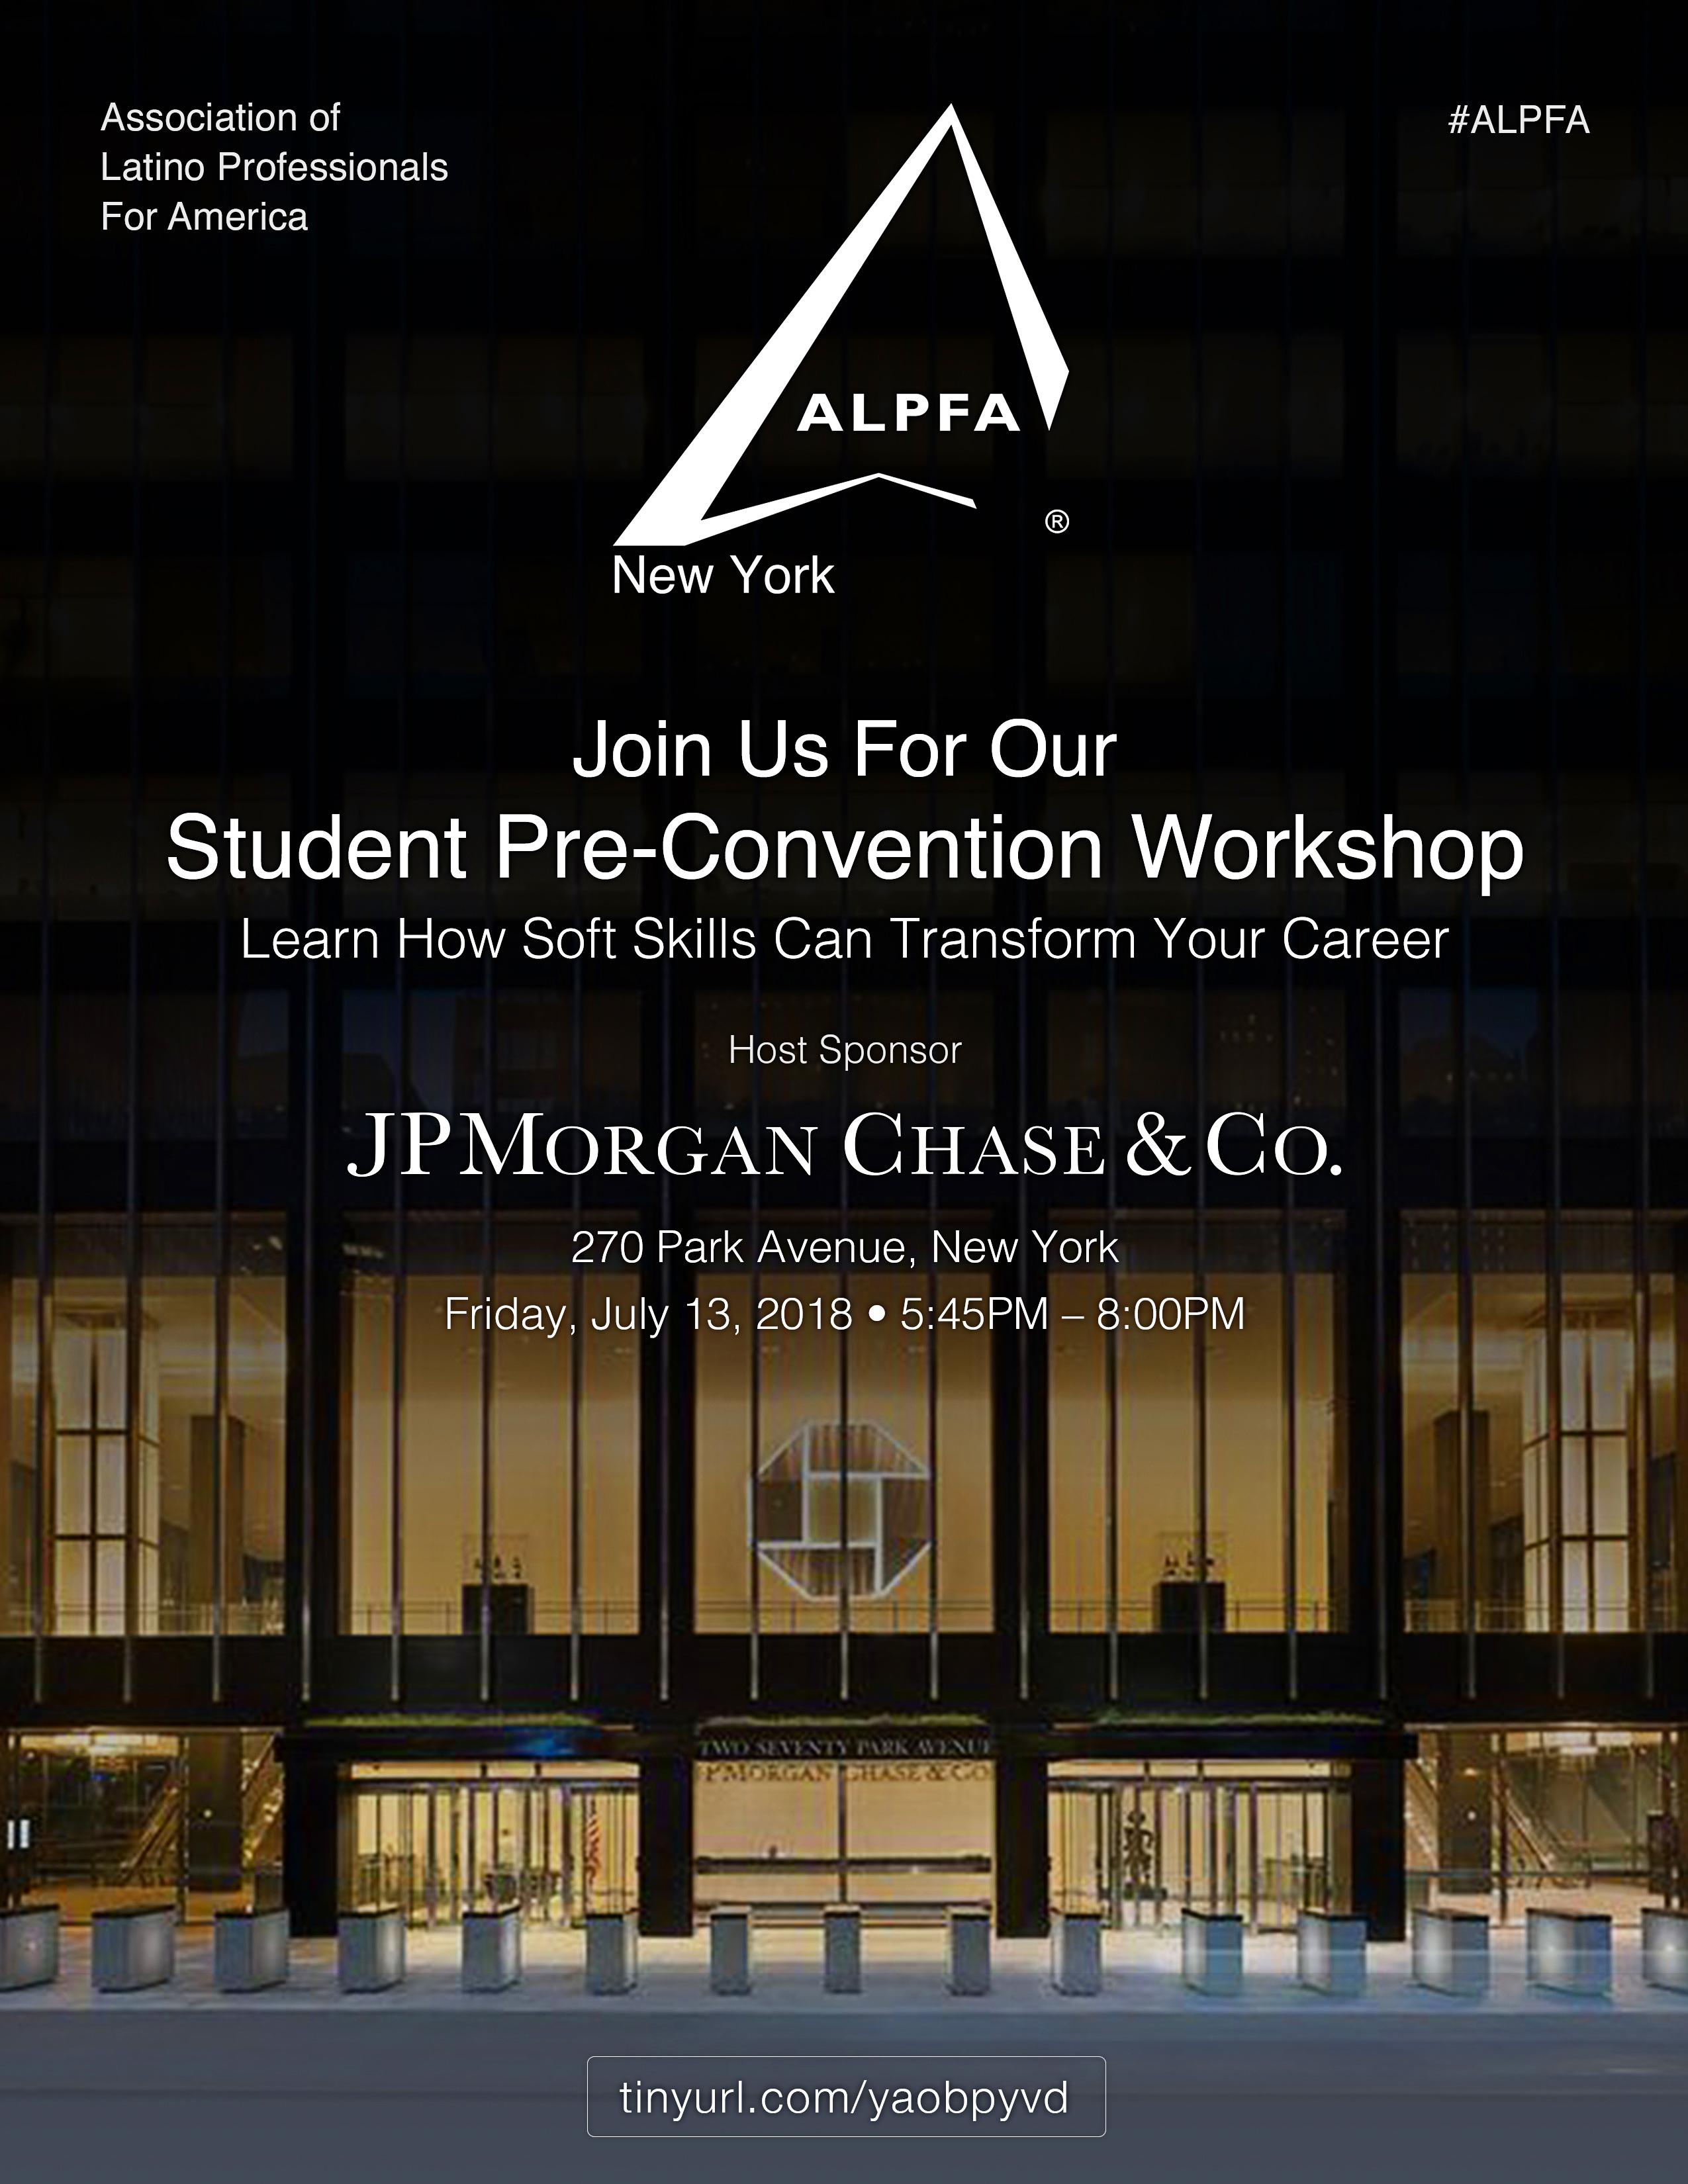 Student Workshop Flyer